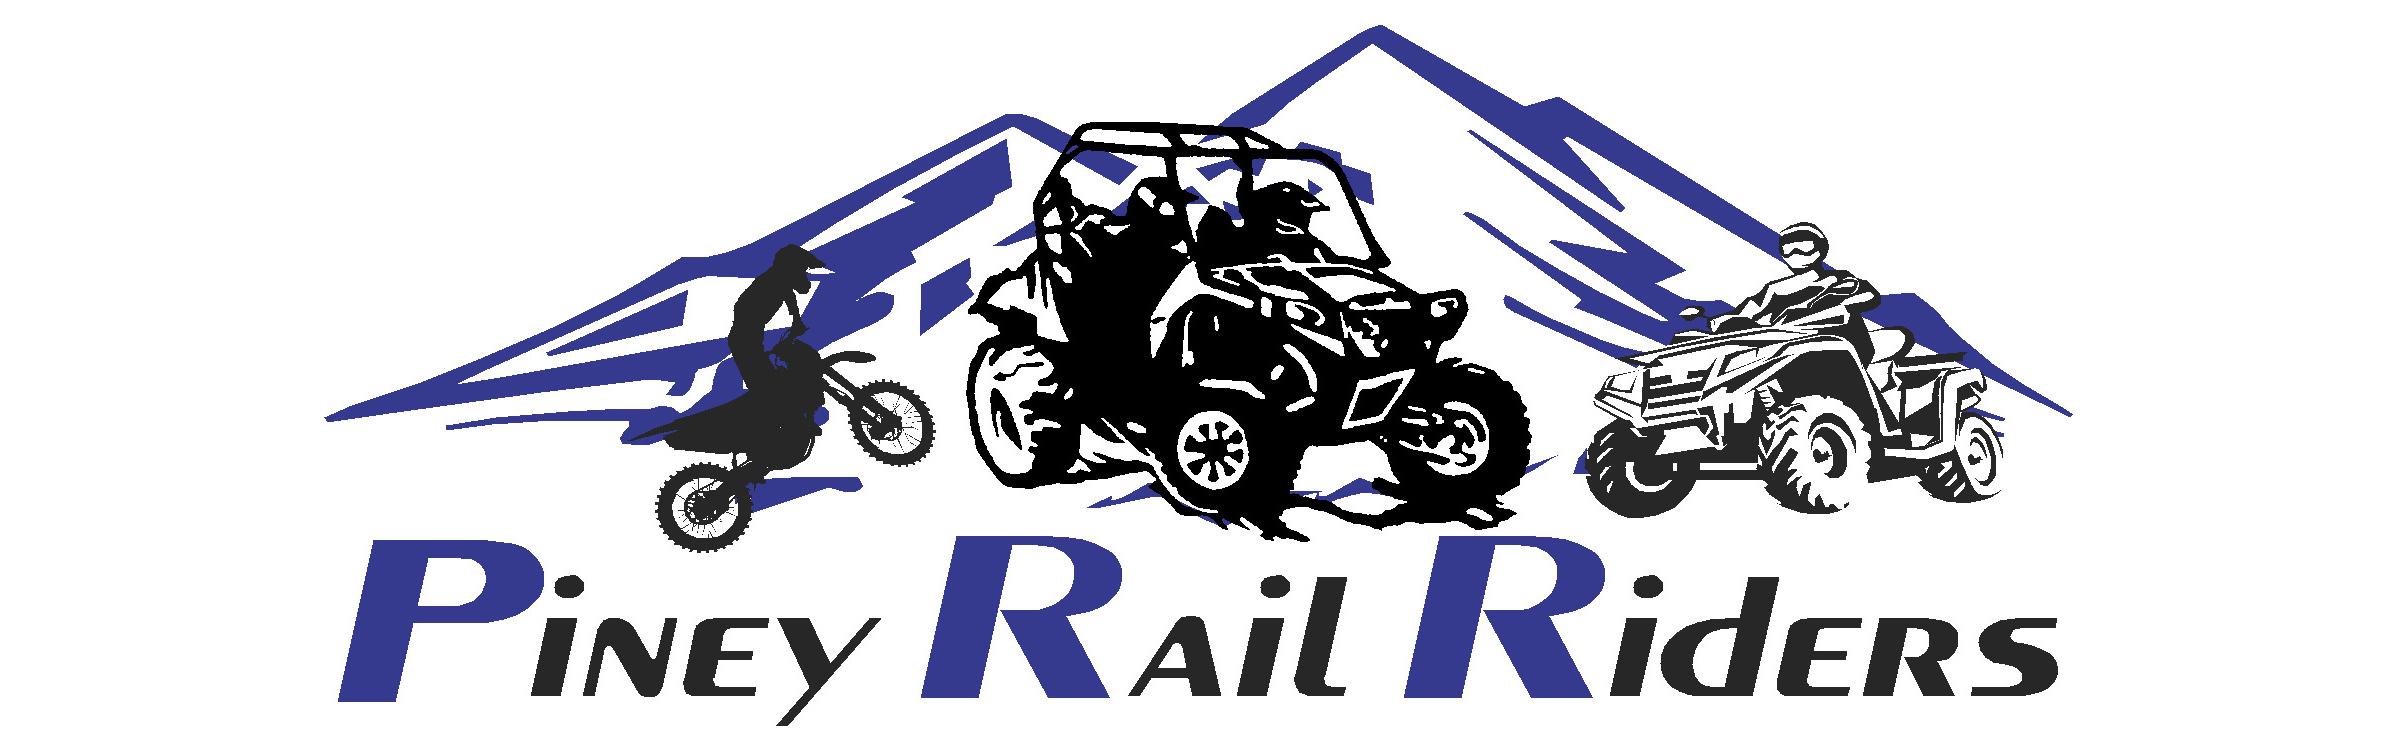 Piney Rail Riders